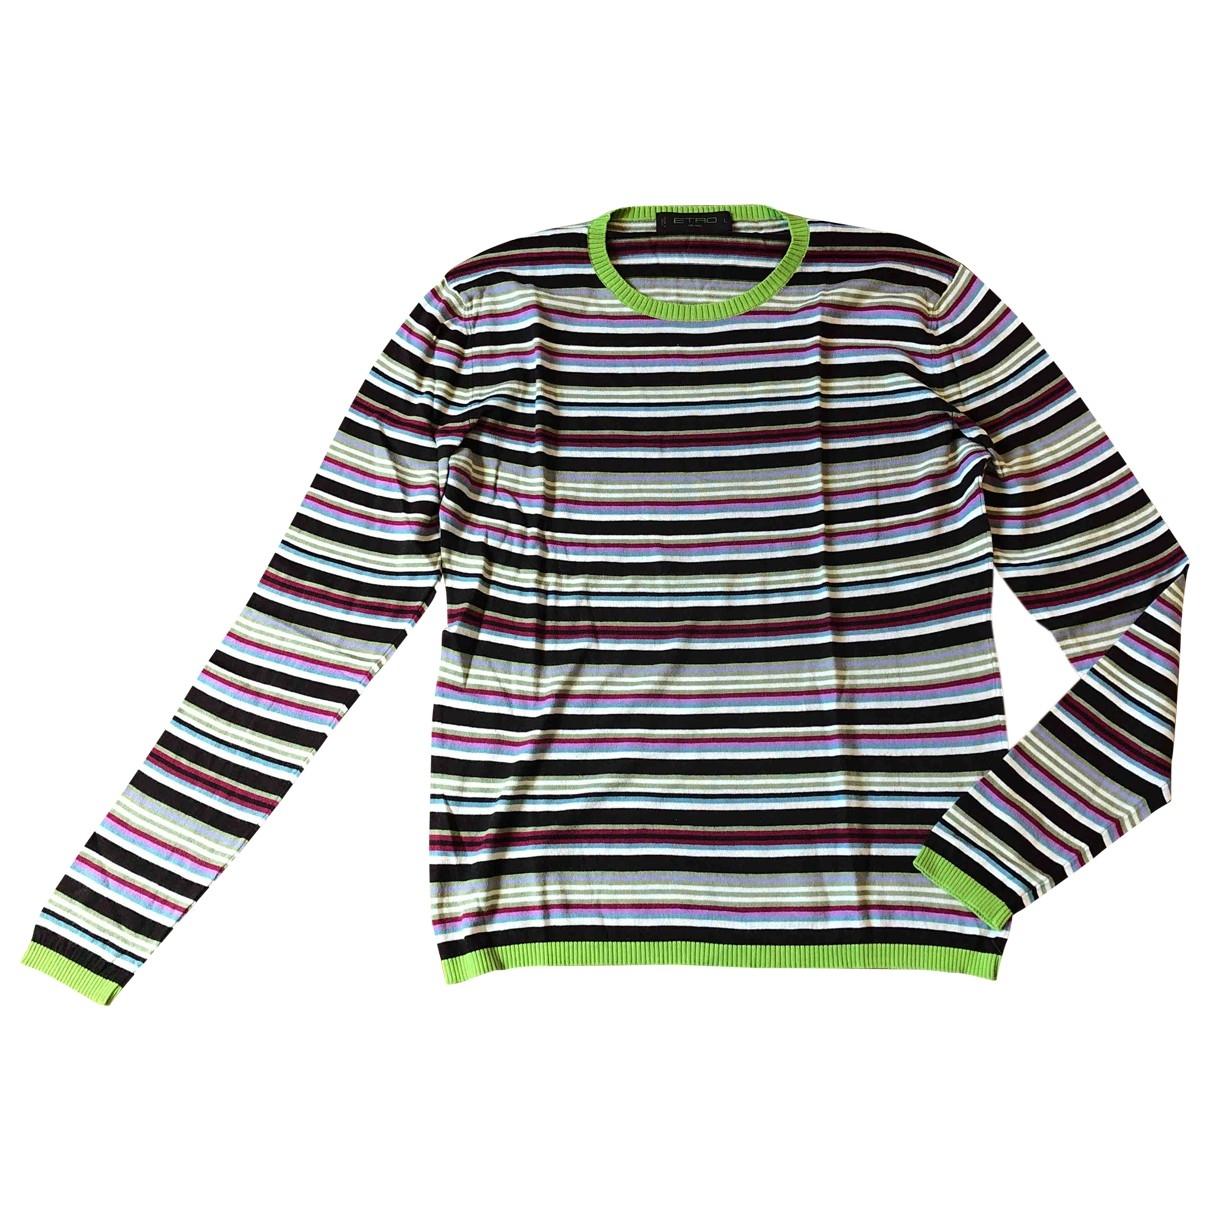 Etro - Pulls.Gilets.Sweats   pour homme en coton - multicolore